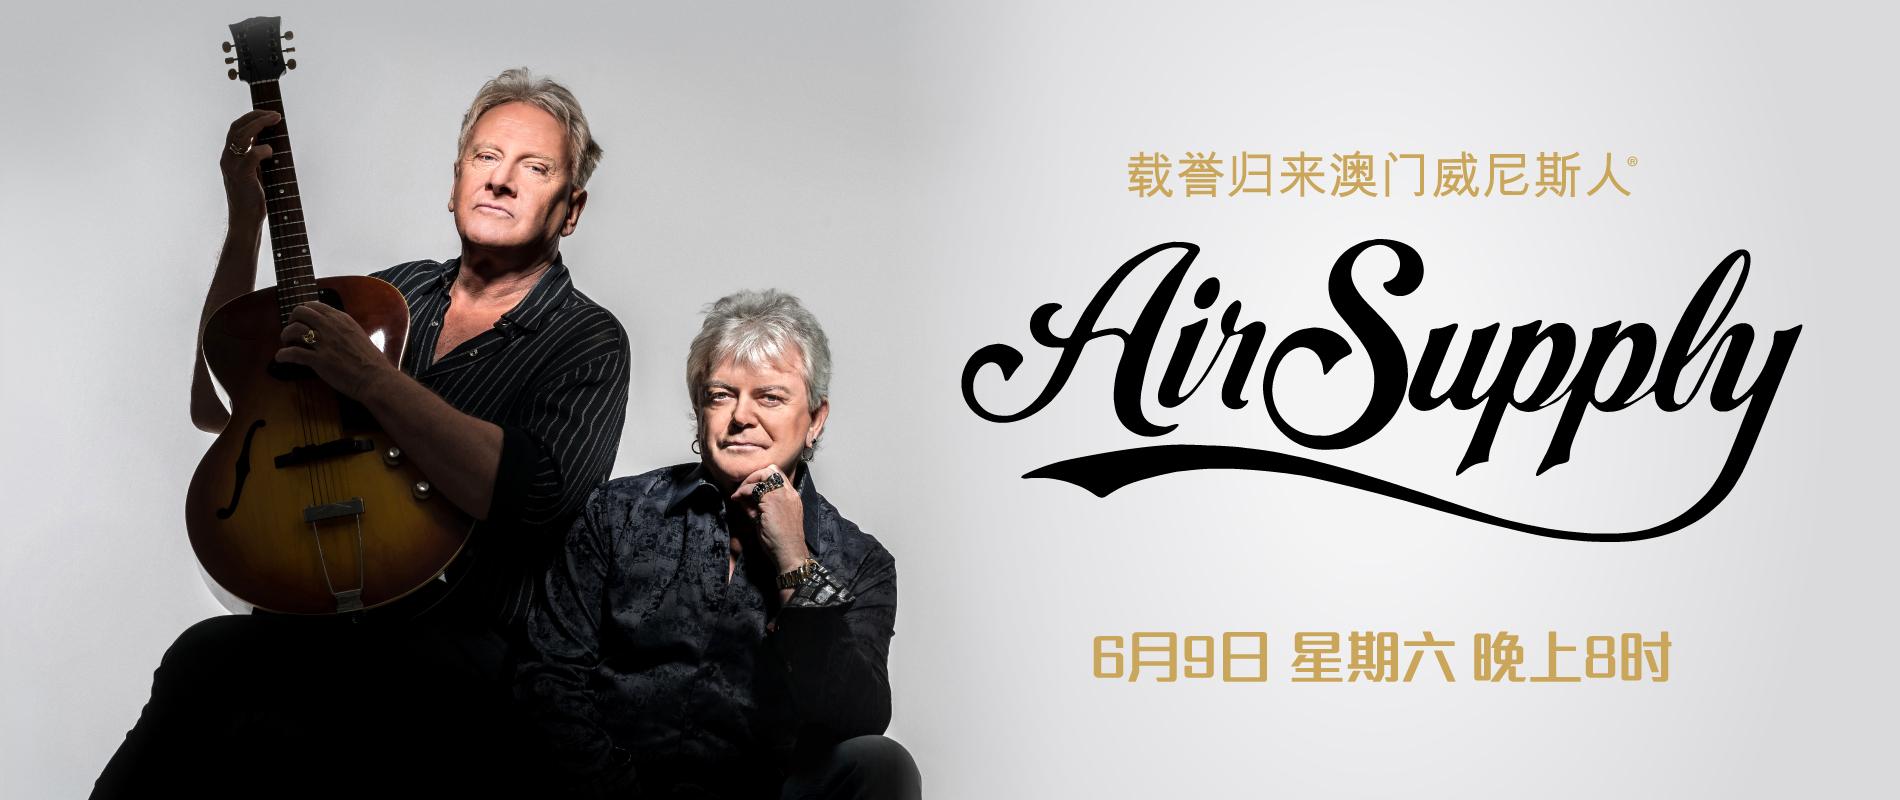 澳洲传奇乐队Air Supply将回归澳门威尼斯人